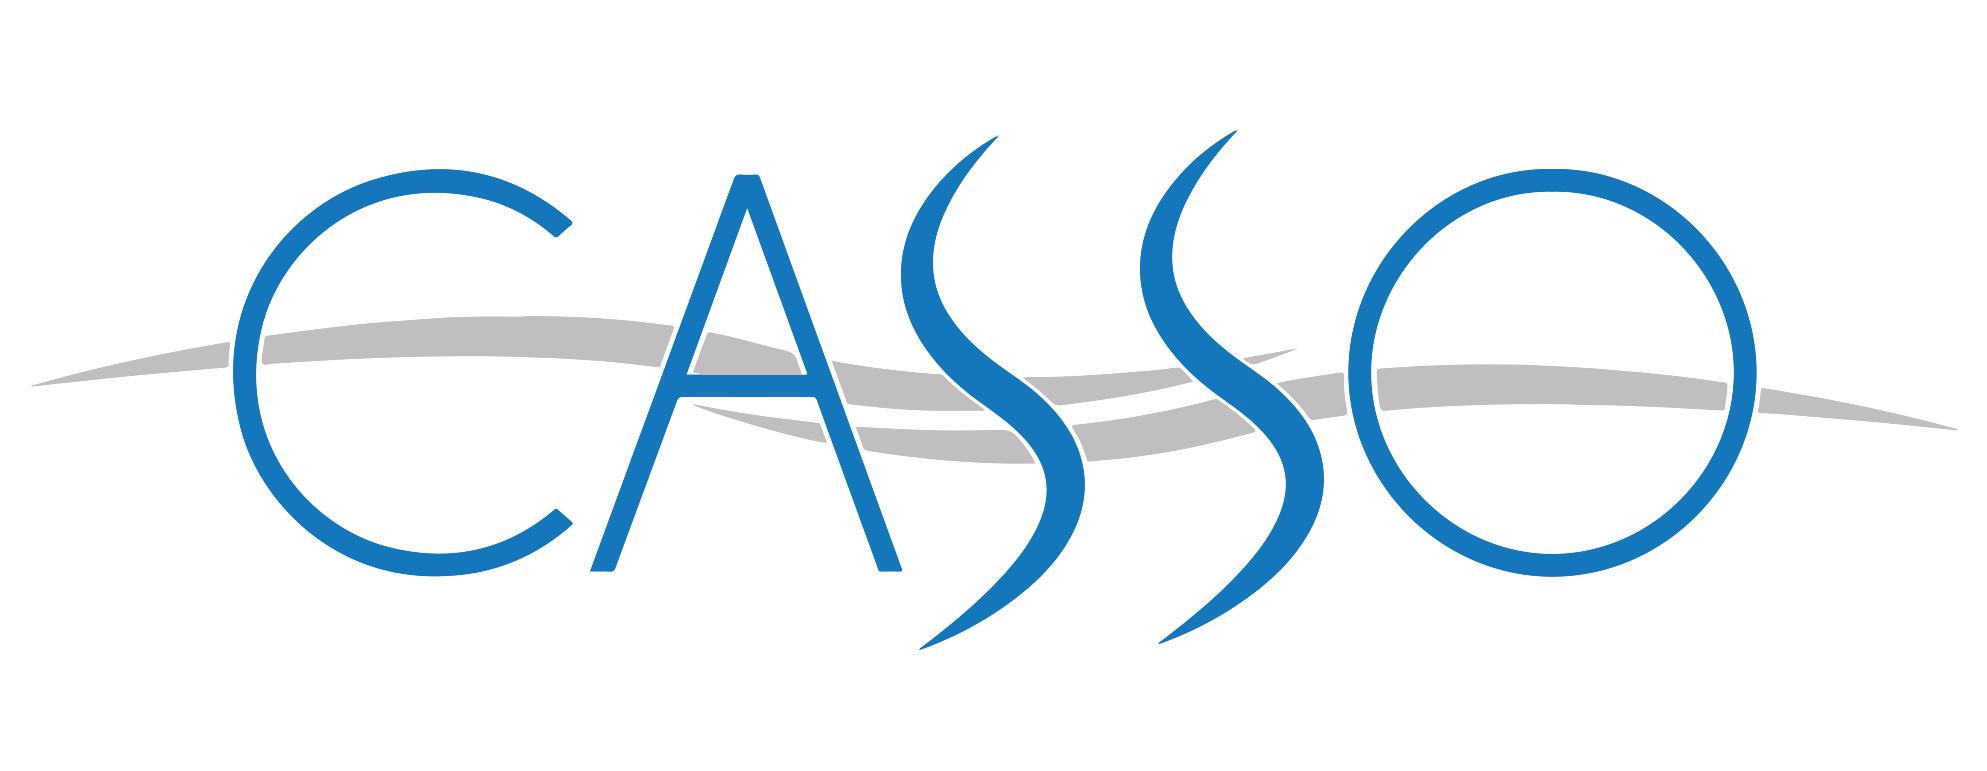 casso_logo